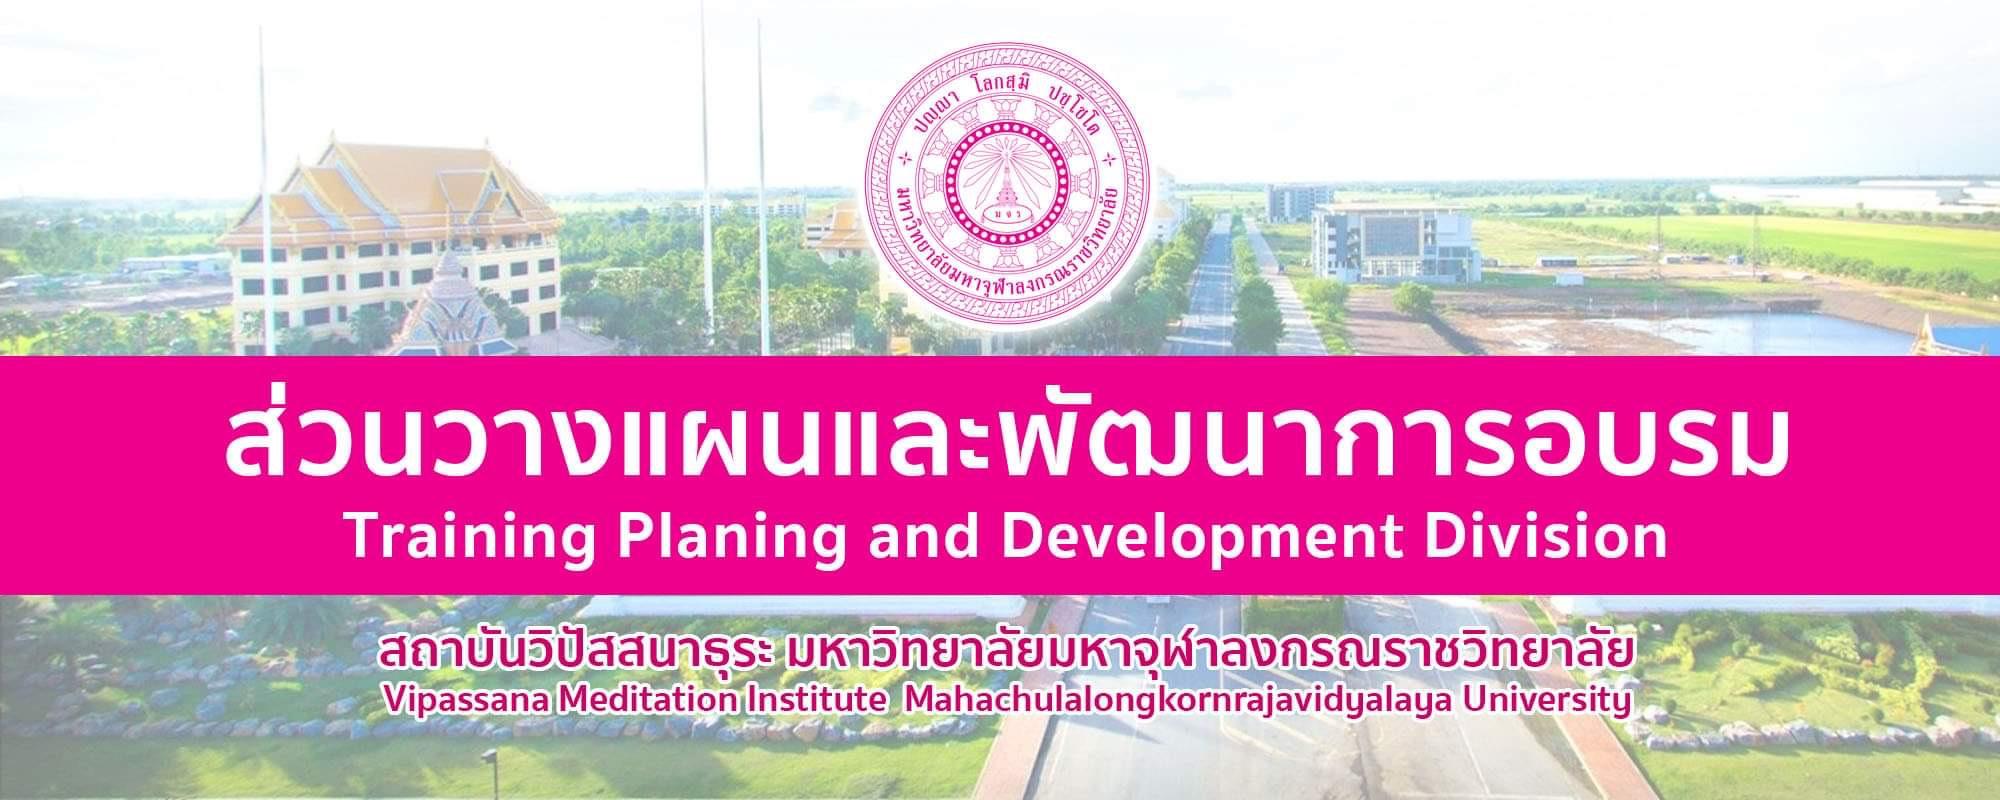 ส่วนวางแผนและพัฒนาการอบรม สถาบันวิปัสสนาธุระ มหาวิทยาลัยมหาจุฬาลงกรณาชวิทยาลัย